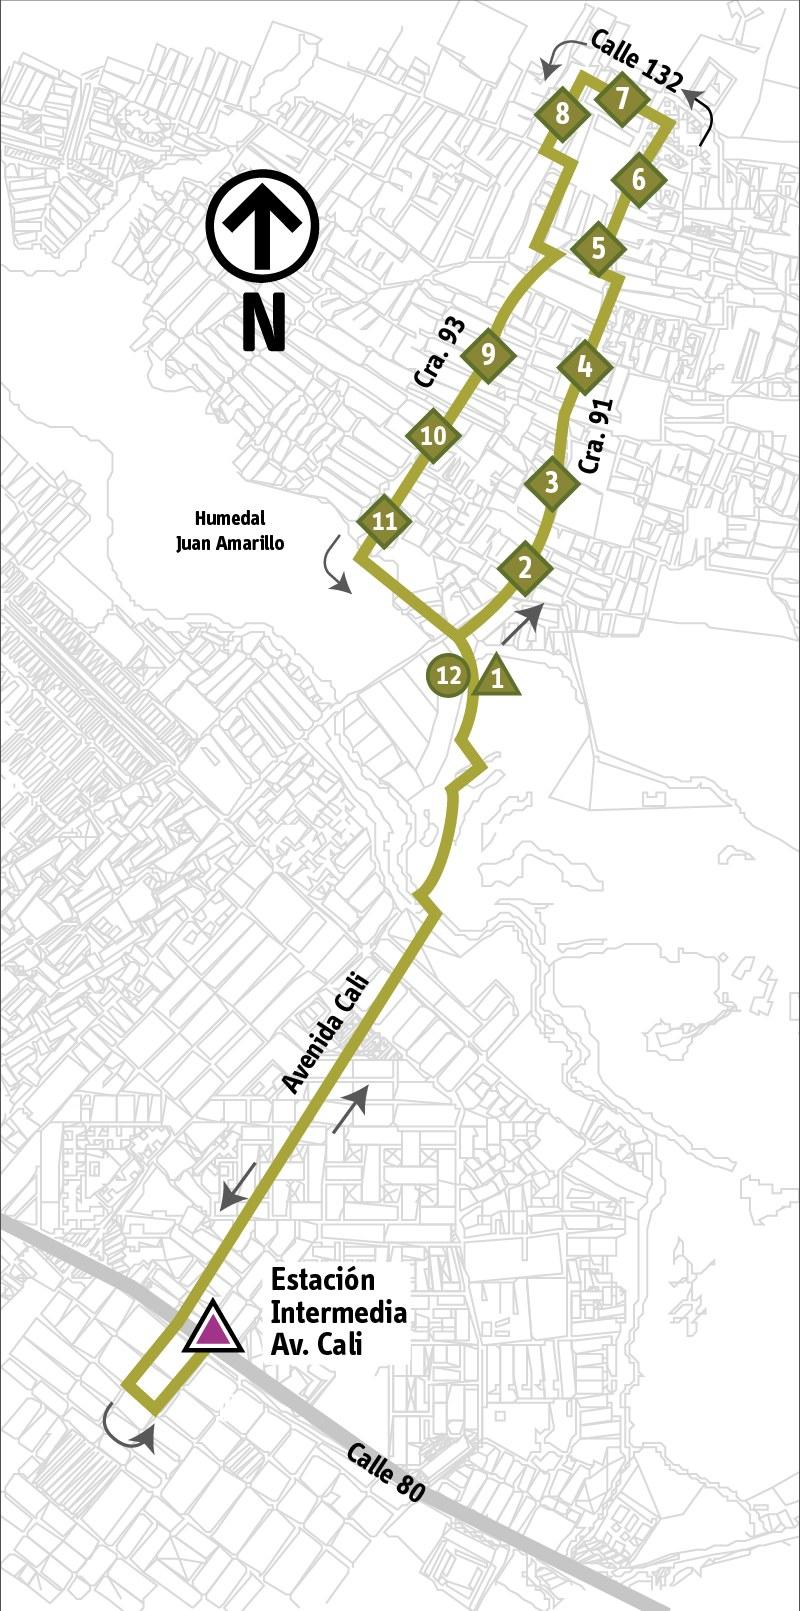 Ruta SITP: 5-2 ➜ Avenida Carrera 91 [Alimentador]